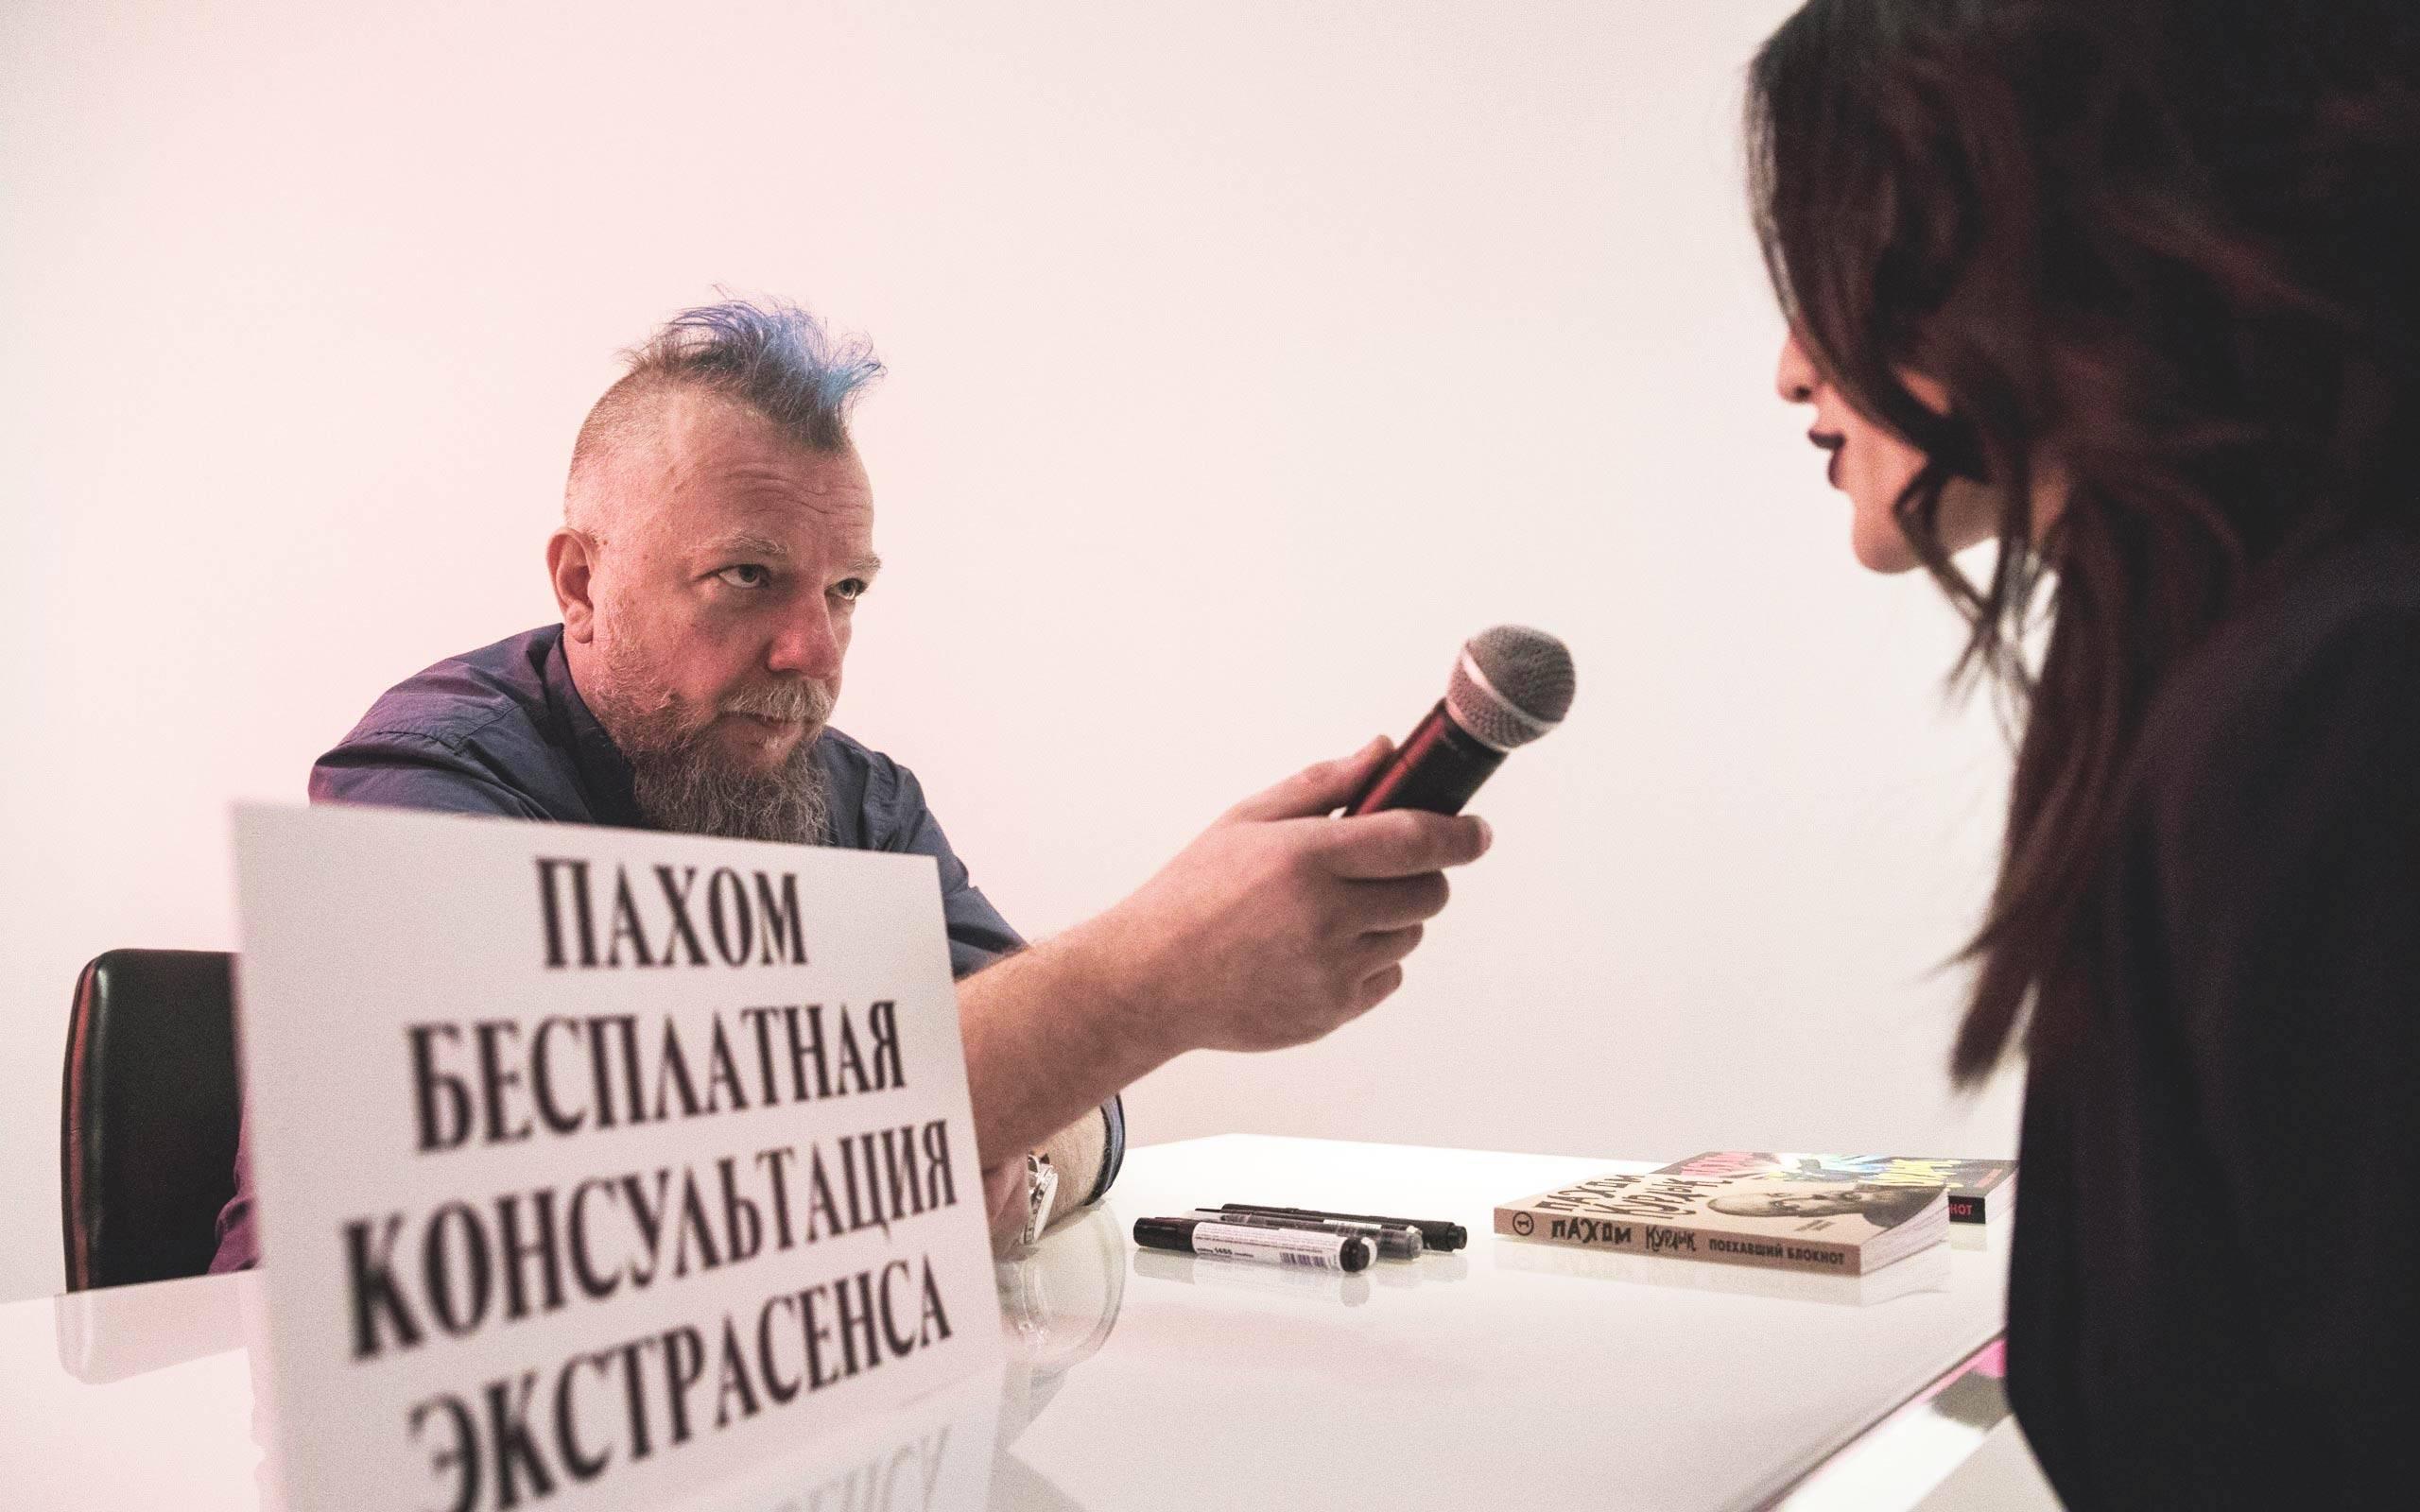 Сергей лаврентюк и юлия соловьева